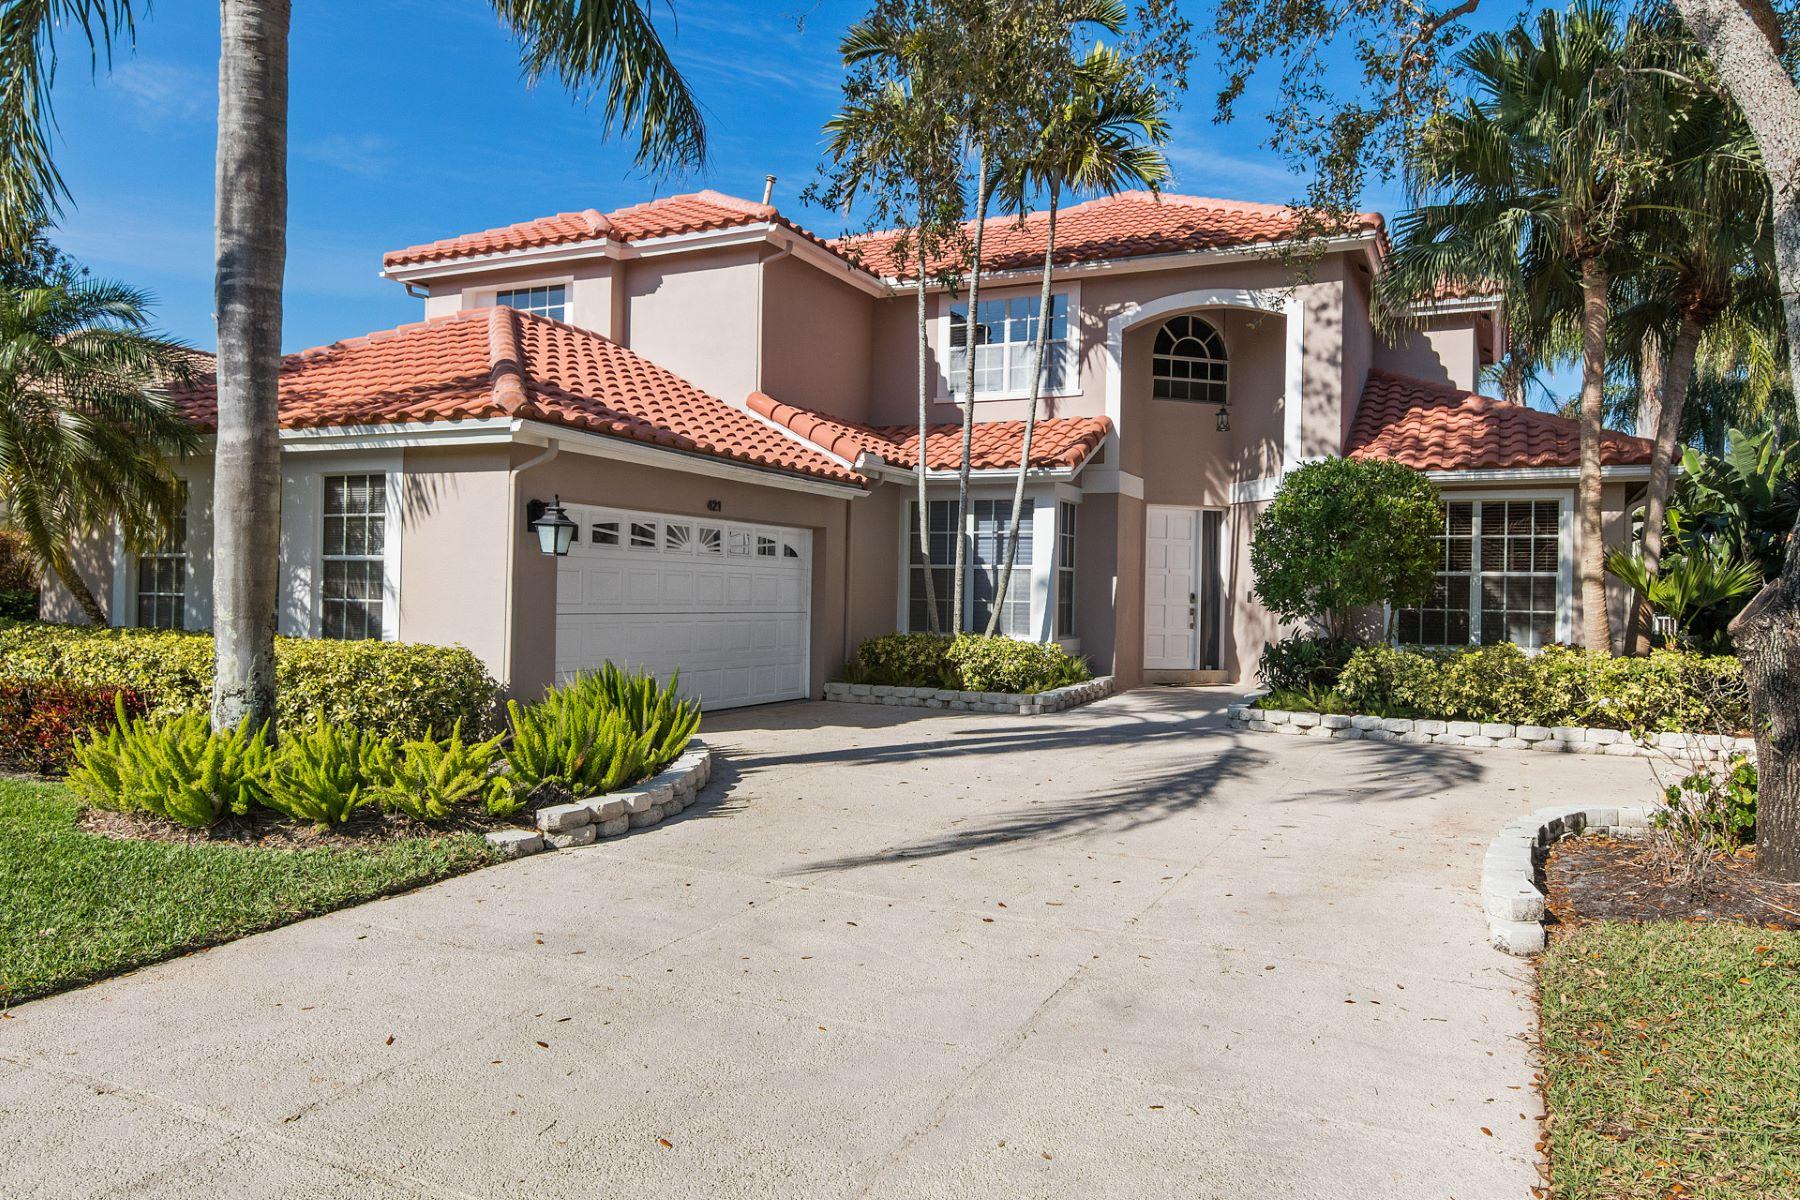 Villa per Vendita alle ore 421 Eagleton Cove Way Palm Beach Gardens, Florida, 33418 Stati Uniti